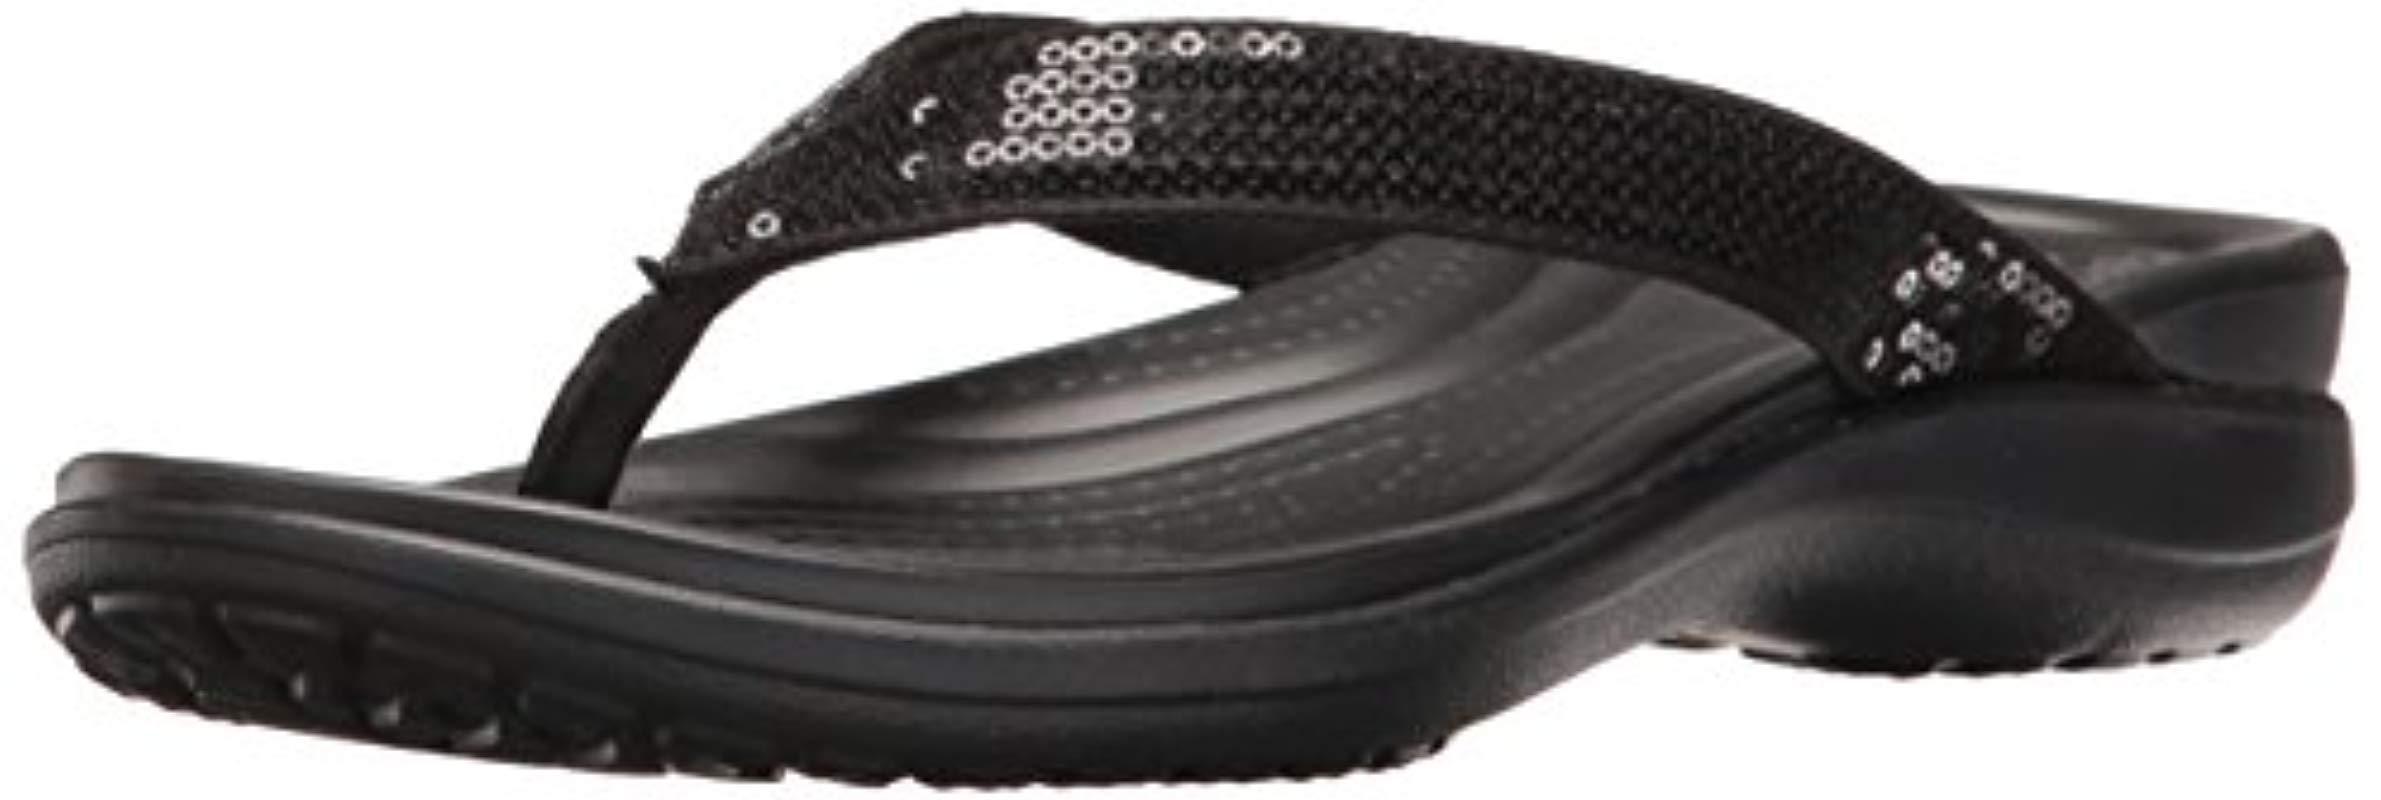 5a058978c44e Crocs™. Women s Black Capri V Sequin ...